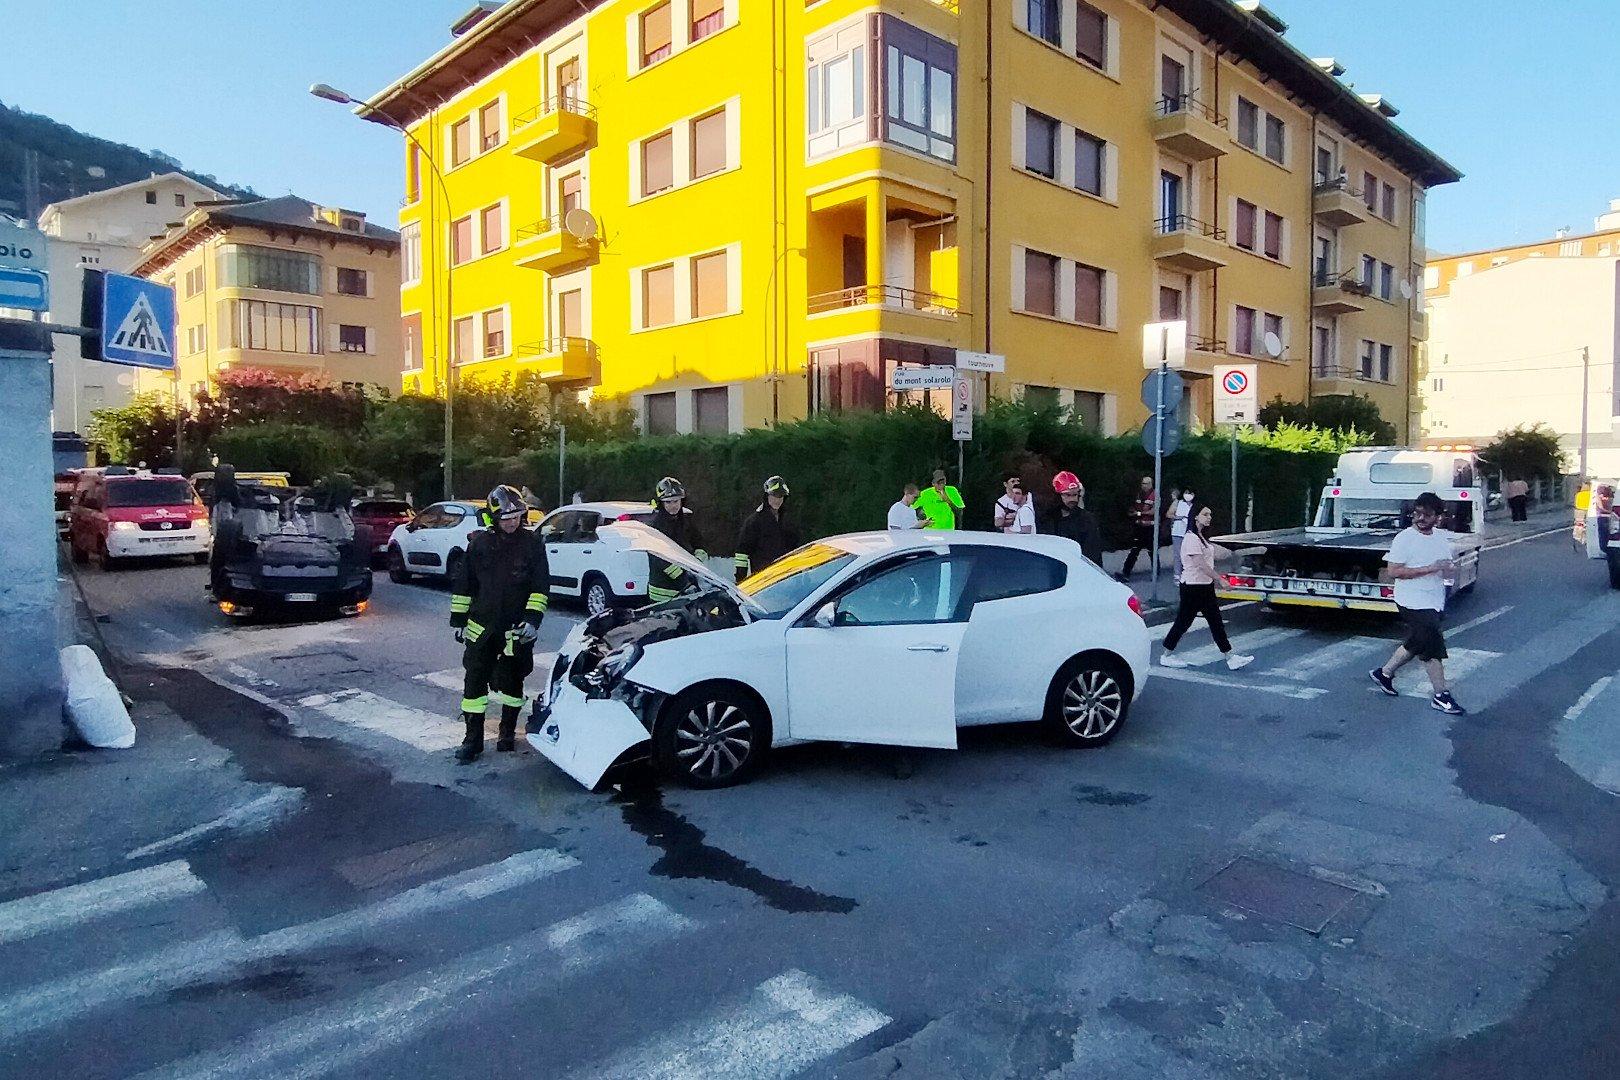 Una Land Rover Freelander 2 si ribalta nel centro di Aosta, dopo essersi scontrata con un'Alfa Romeo Giulietta